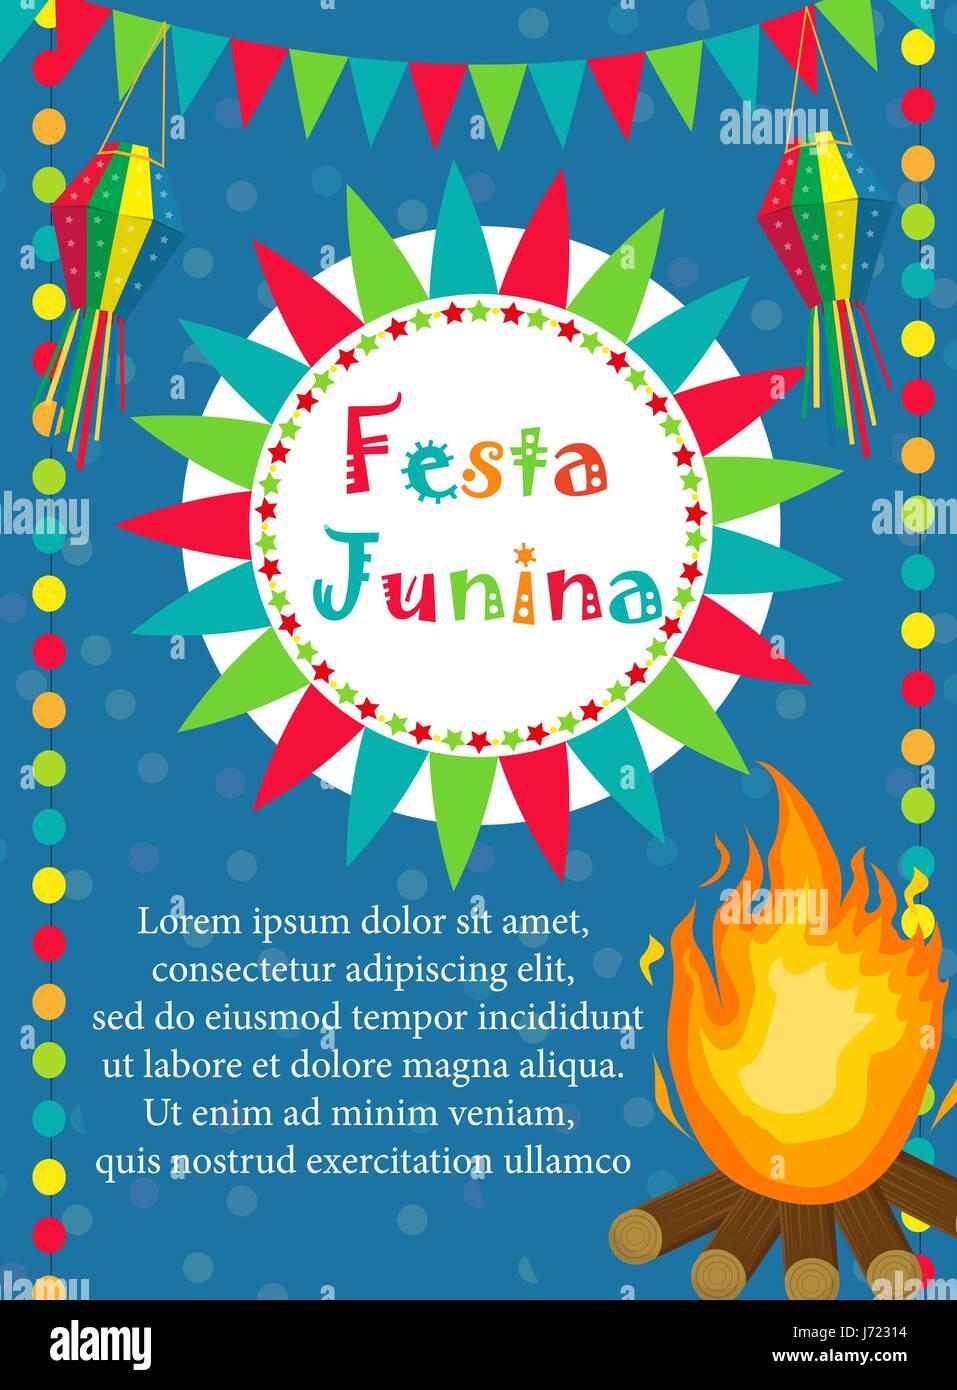 Festa Junina Tarjeta De Felicitación Invitación Póster